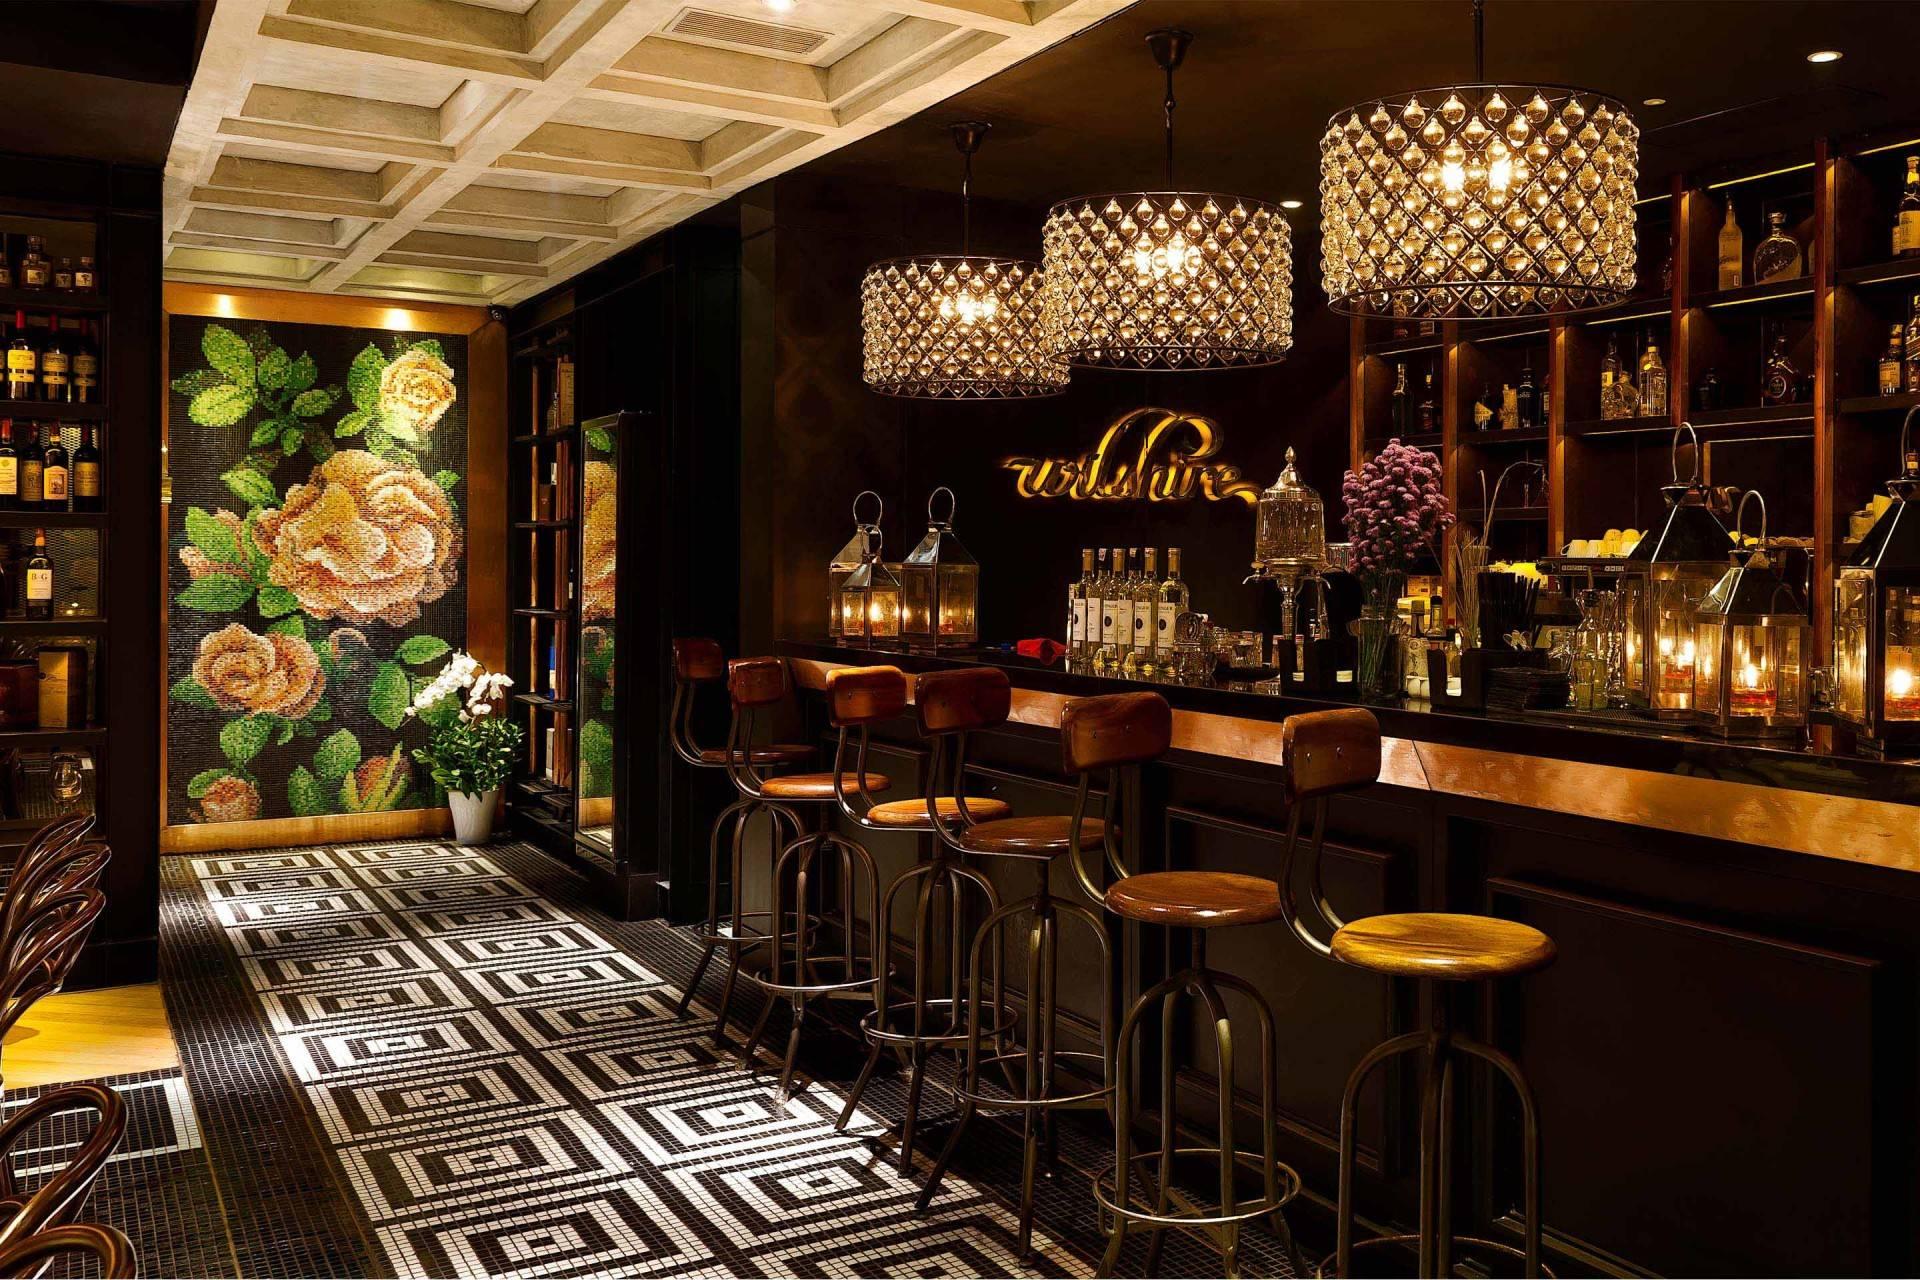 Leo Einstein Fransiscus Wilshire Restaurant Jakarta Senopati 64 - Jakarta Senopati 64 - Jakarta Bar Area Klasik  7618